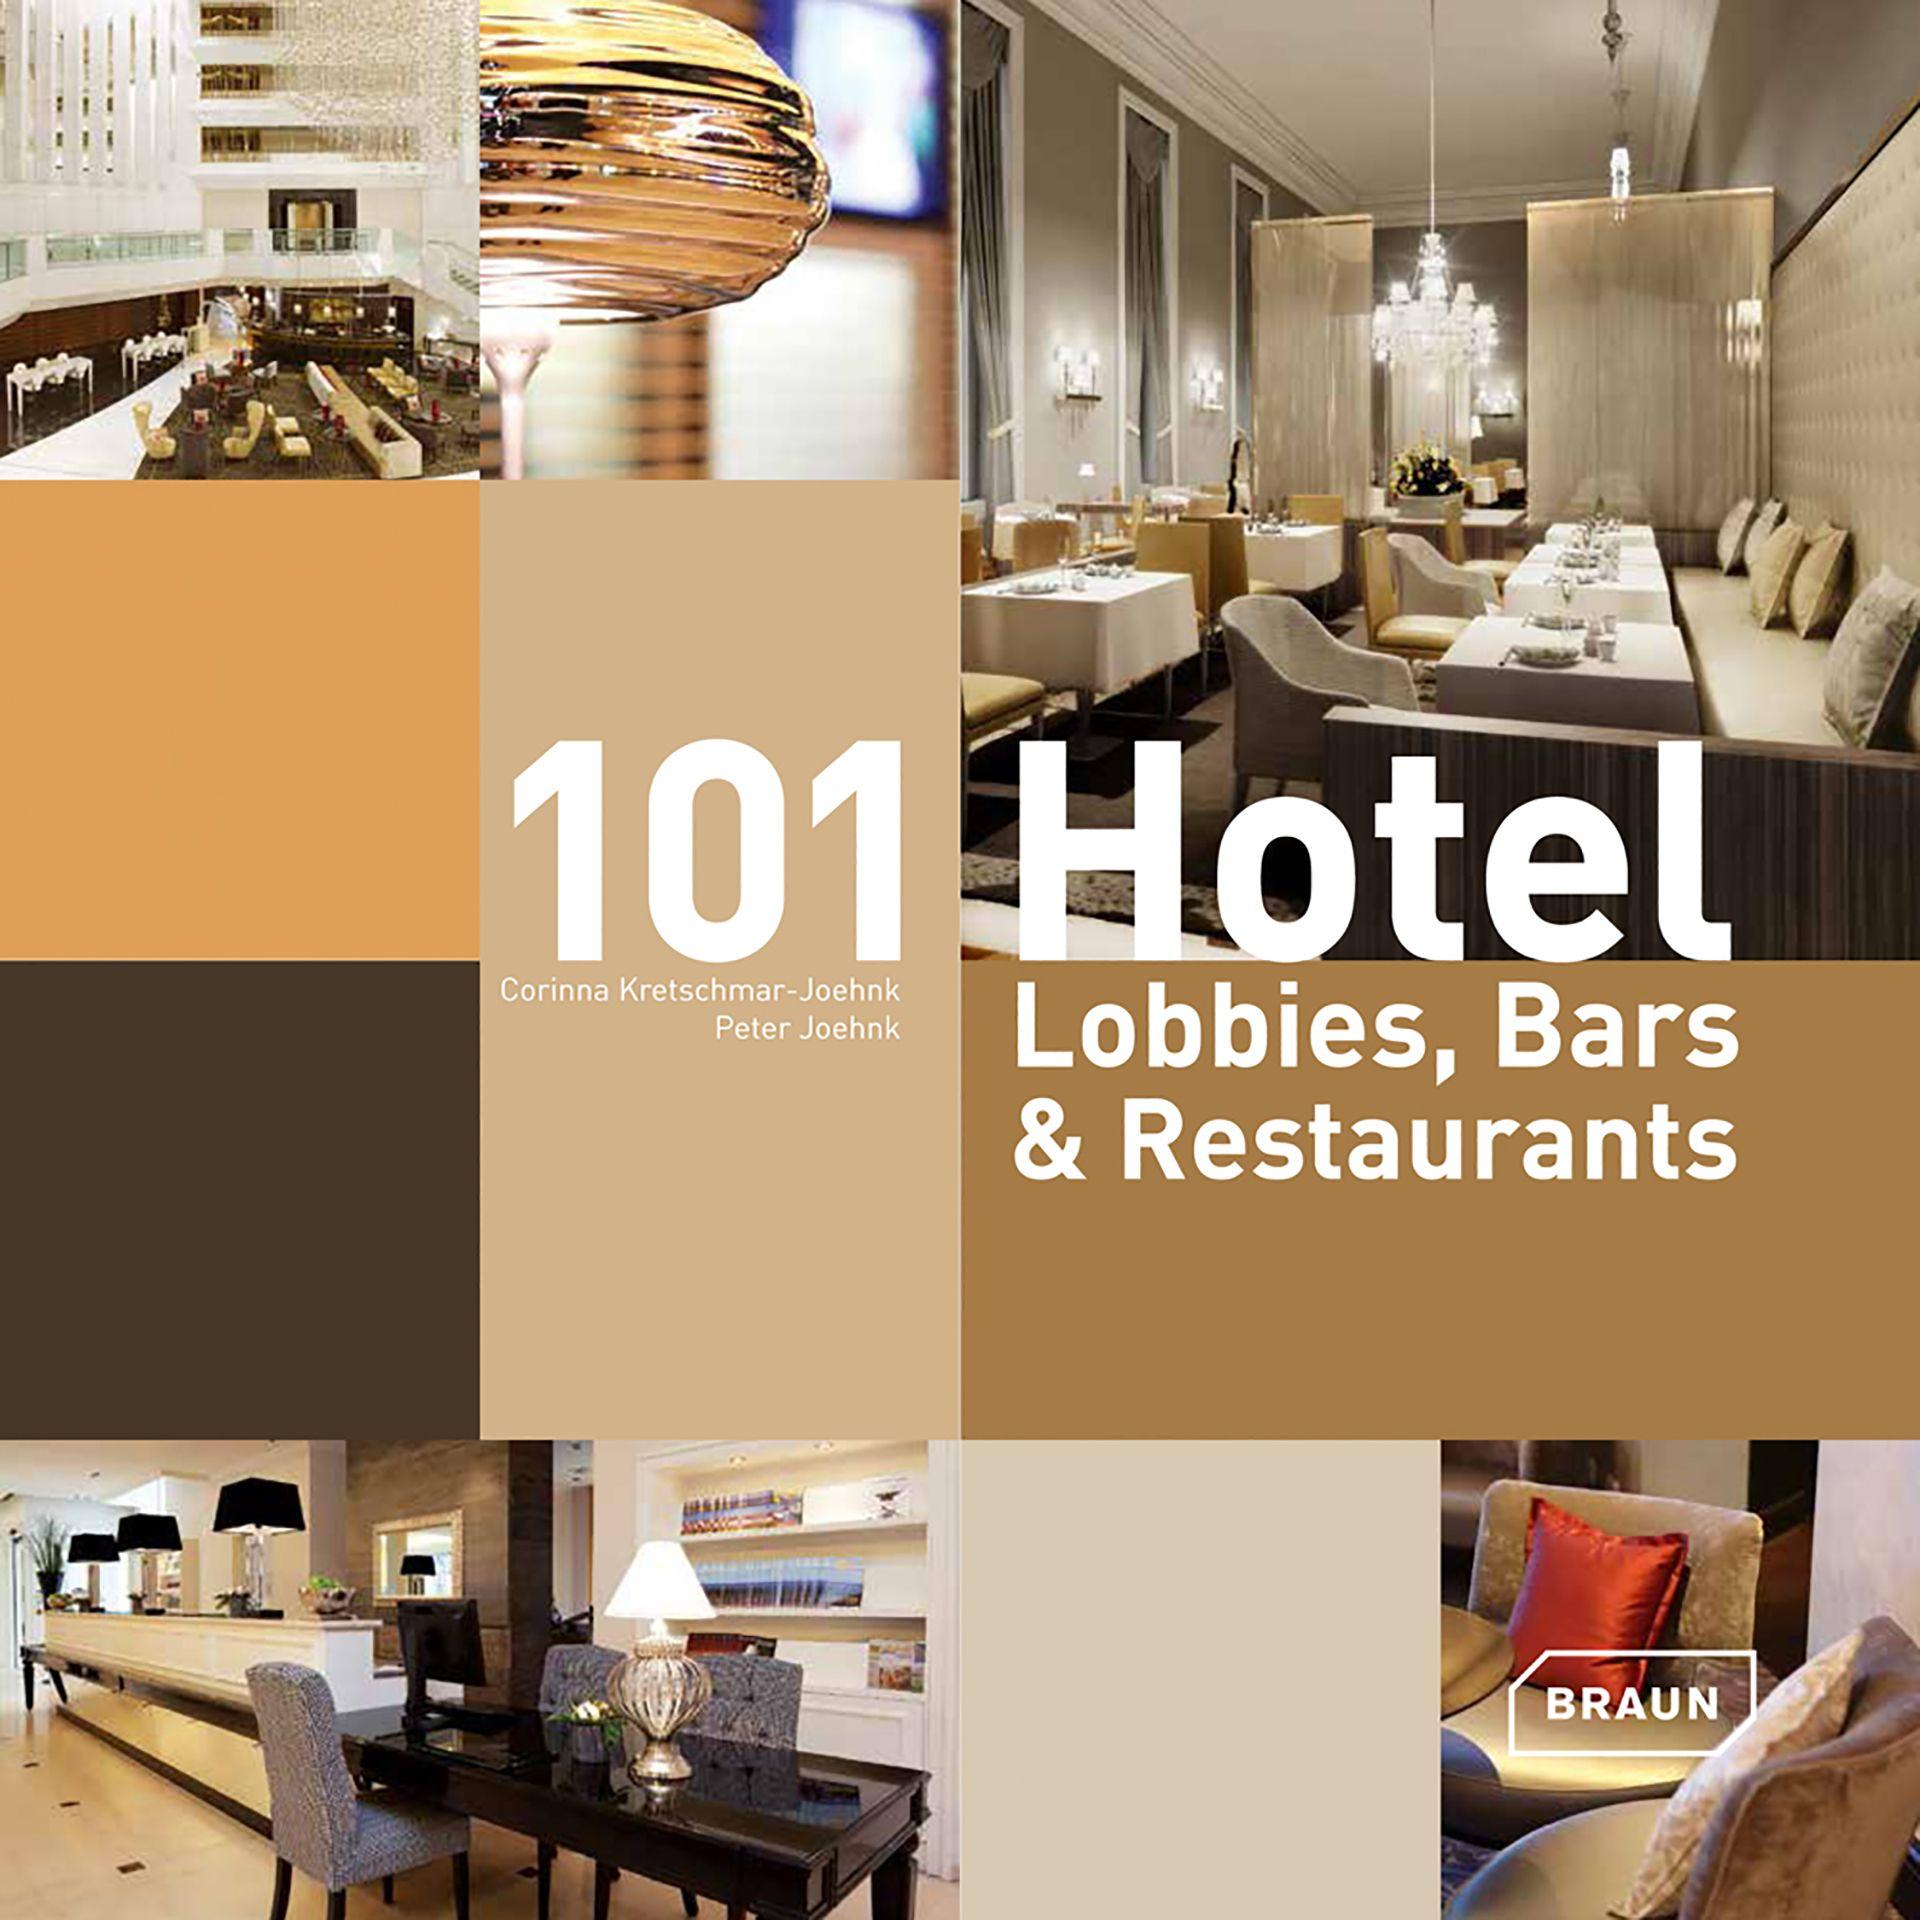 Buch 101 Hotel Lobbies, Bars & Restaurants von Corinna Kretschmar-Joehnk und Peter Joehnk von JOI-Design.